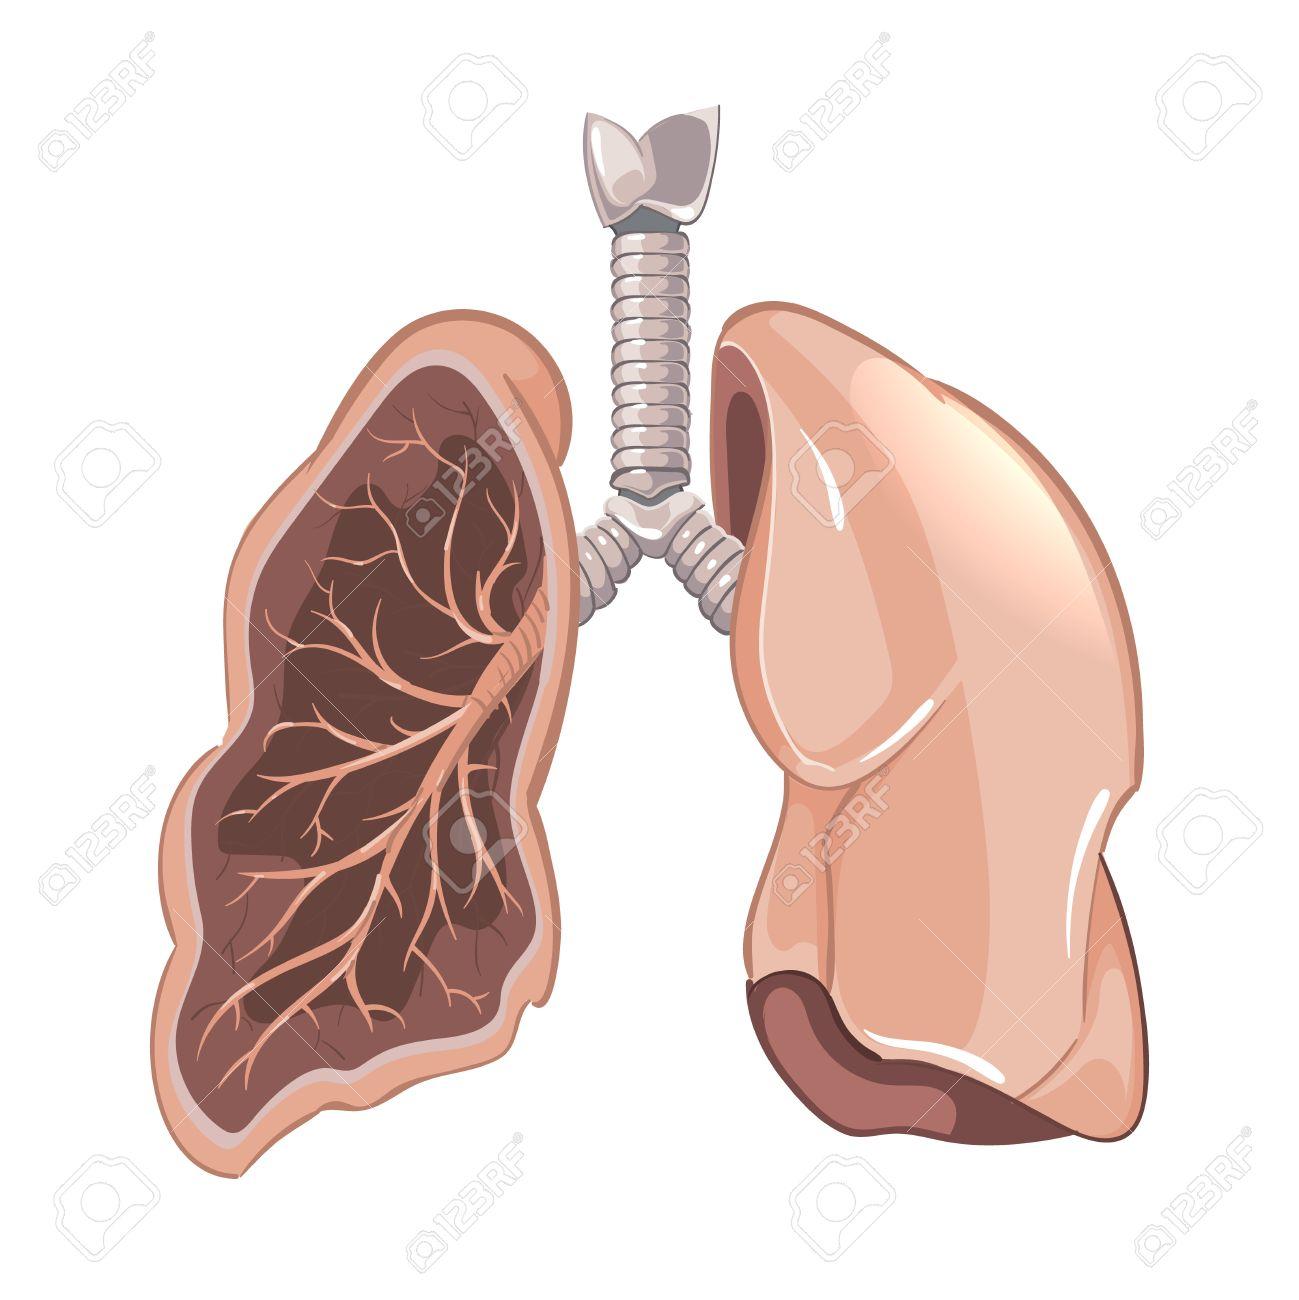 Los Pulmones Humanos Anatomía, Diagrama Vectorial Cáncer. Enfermedad ...